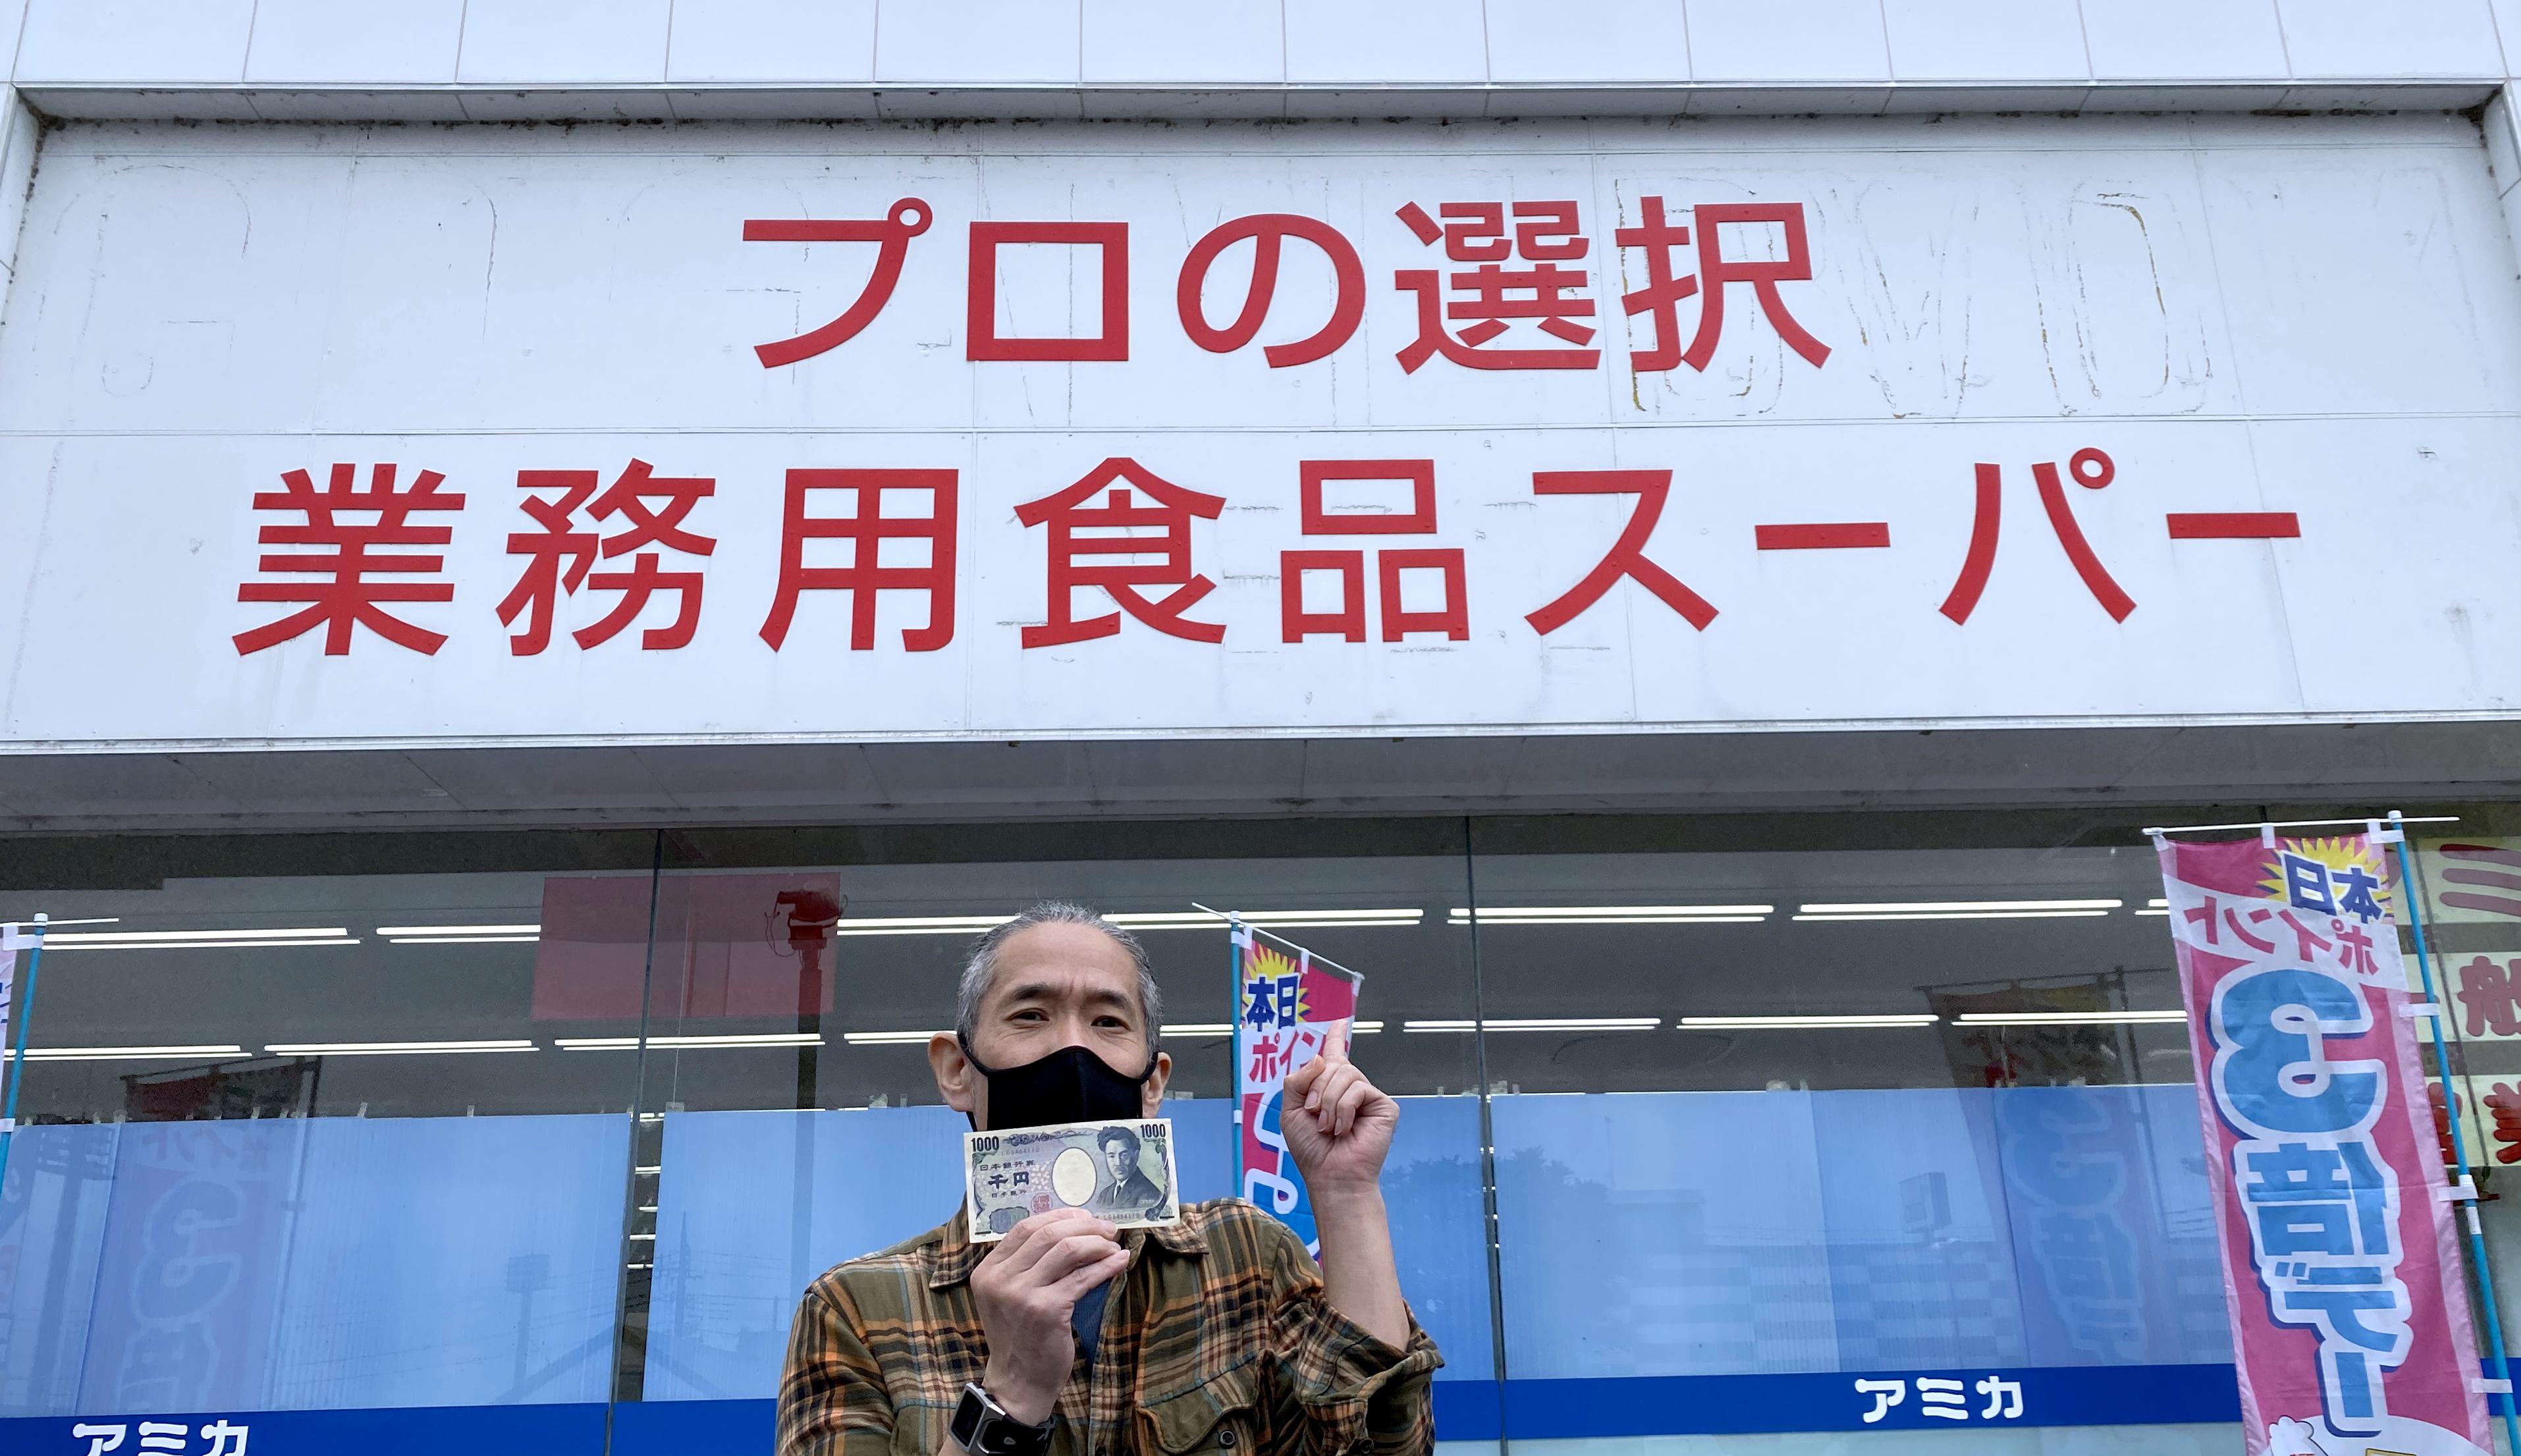 """業務用食品スーパー「アミカ」で """"せんべろ""""に挑んだら『冷食の宝庫』と判明!! 格安優良商品を続々発掘!"""